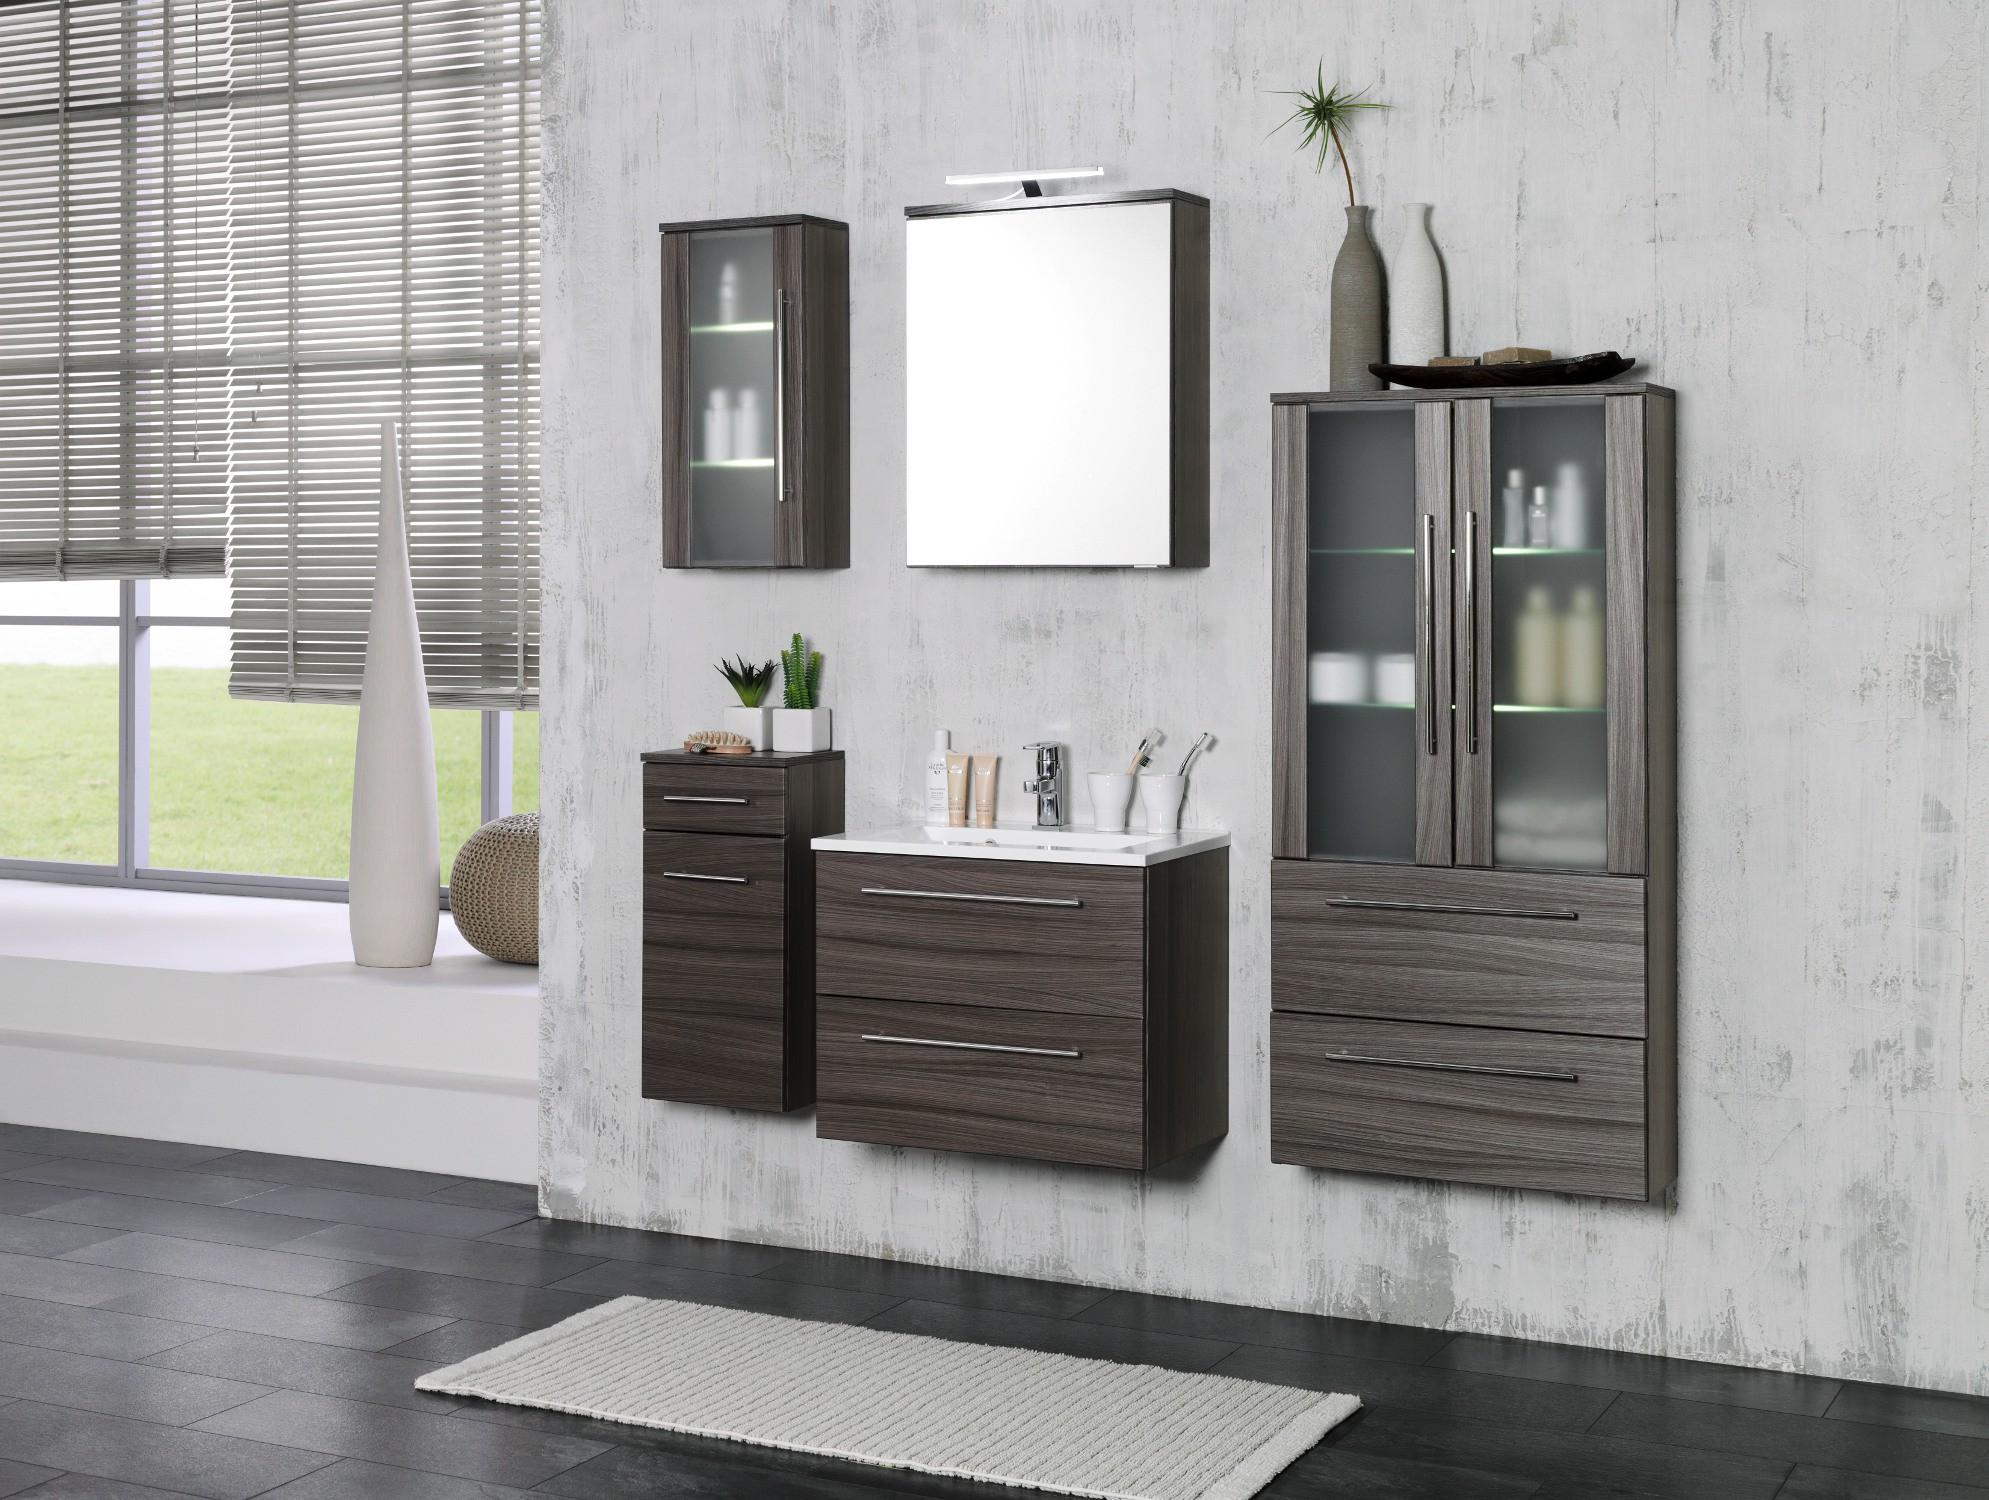 Großzügig Badezimmermöbel Blau Fotos - Die besten Einrichtungsideen ...